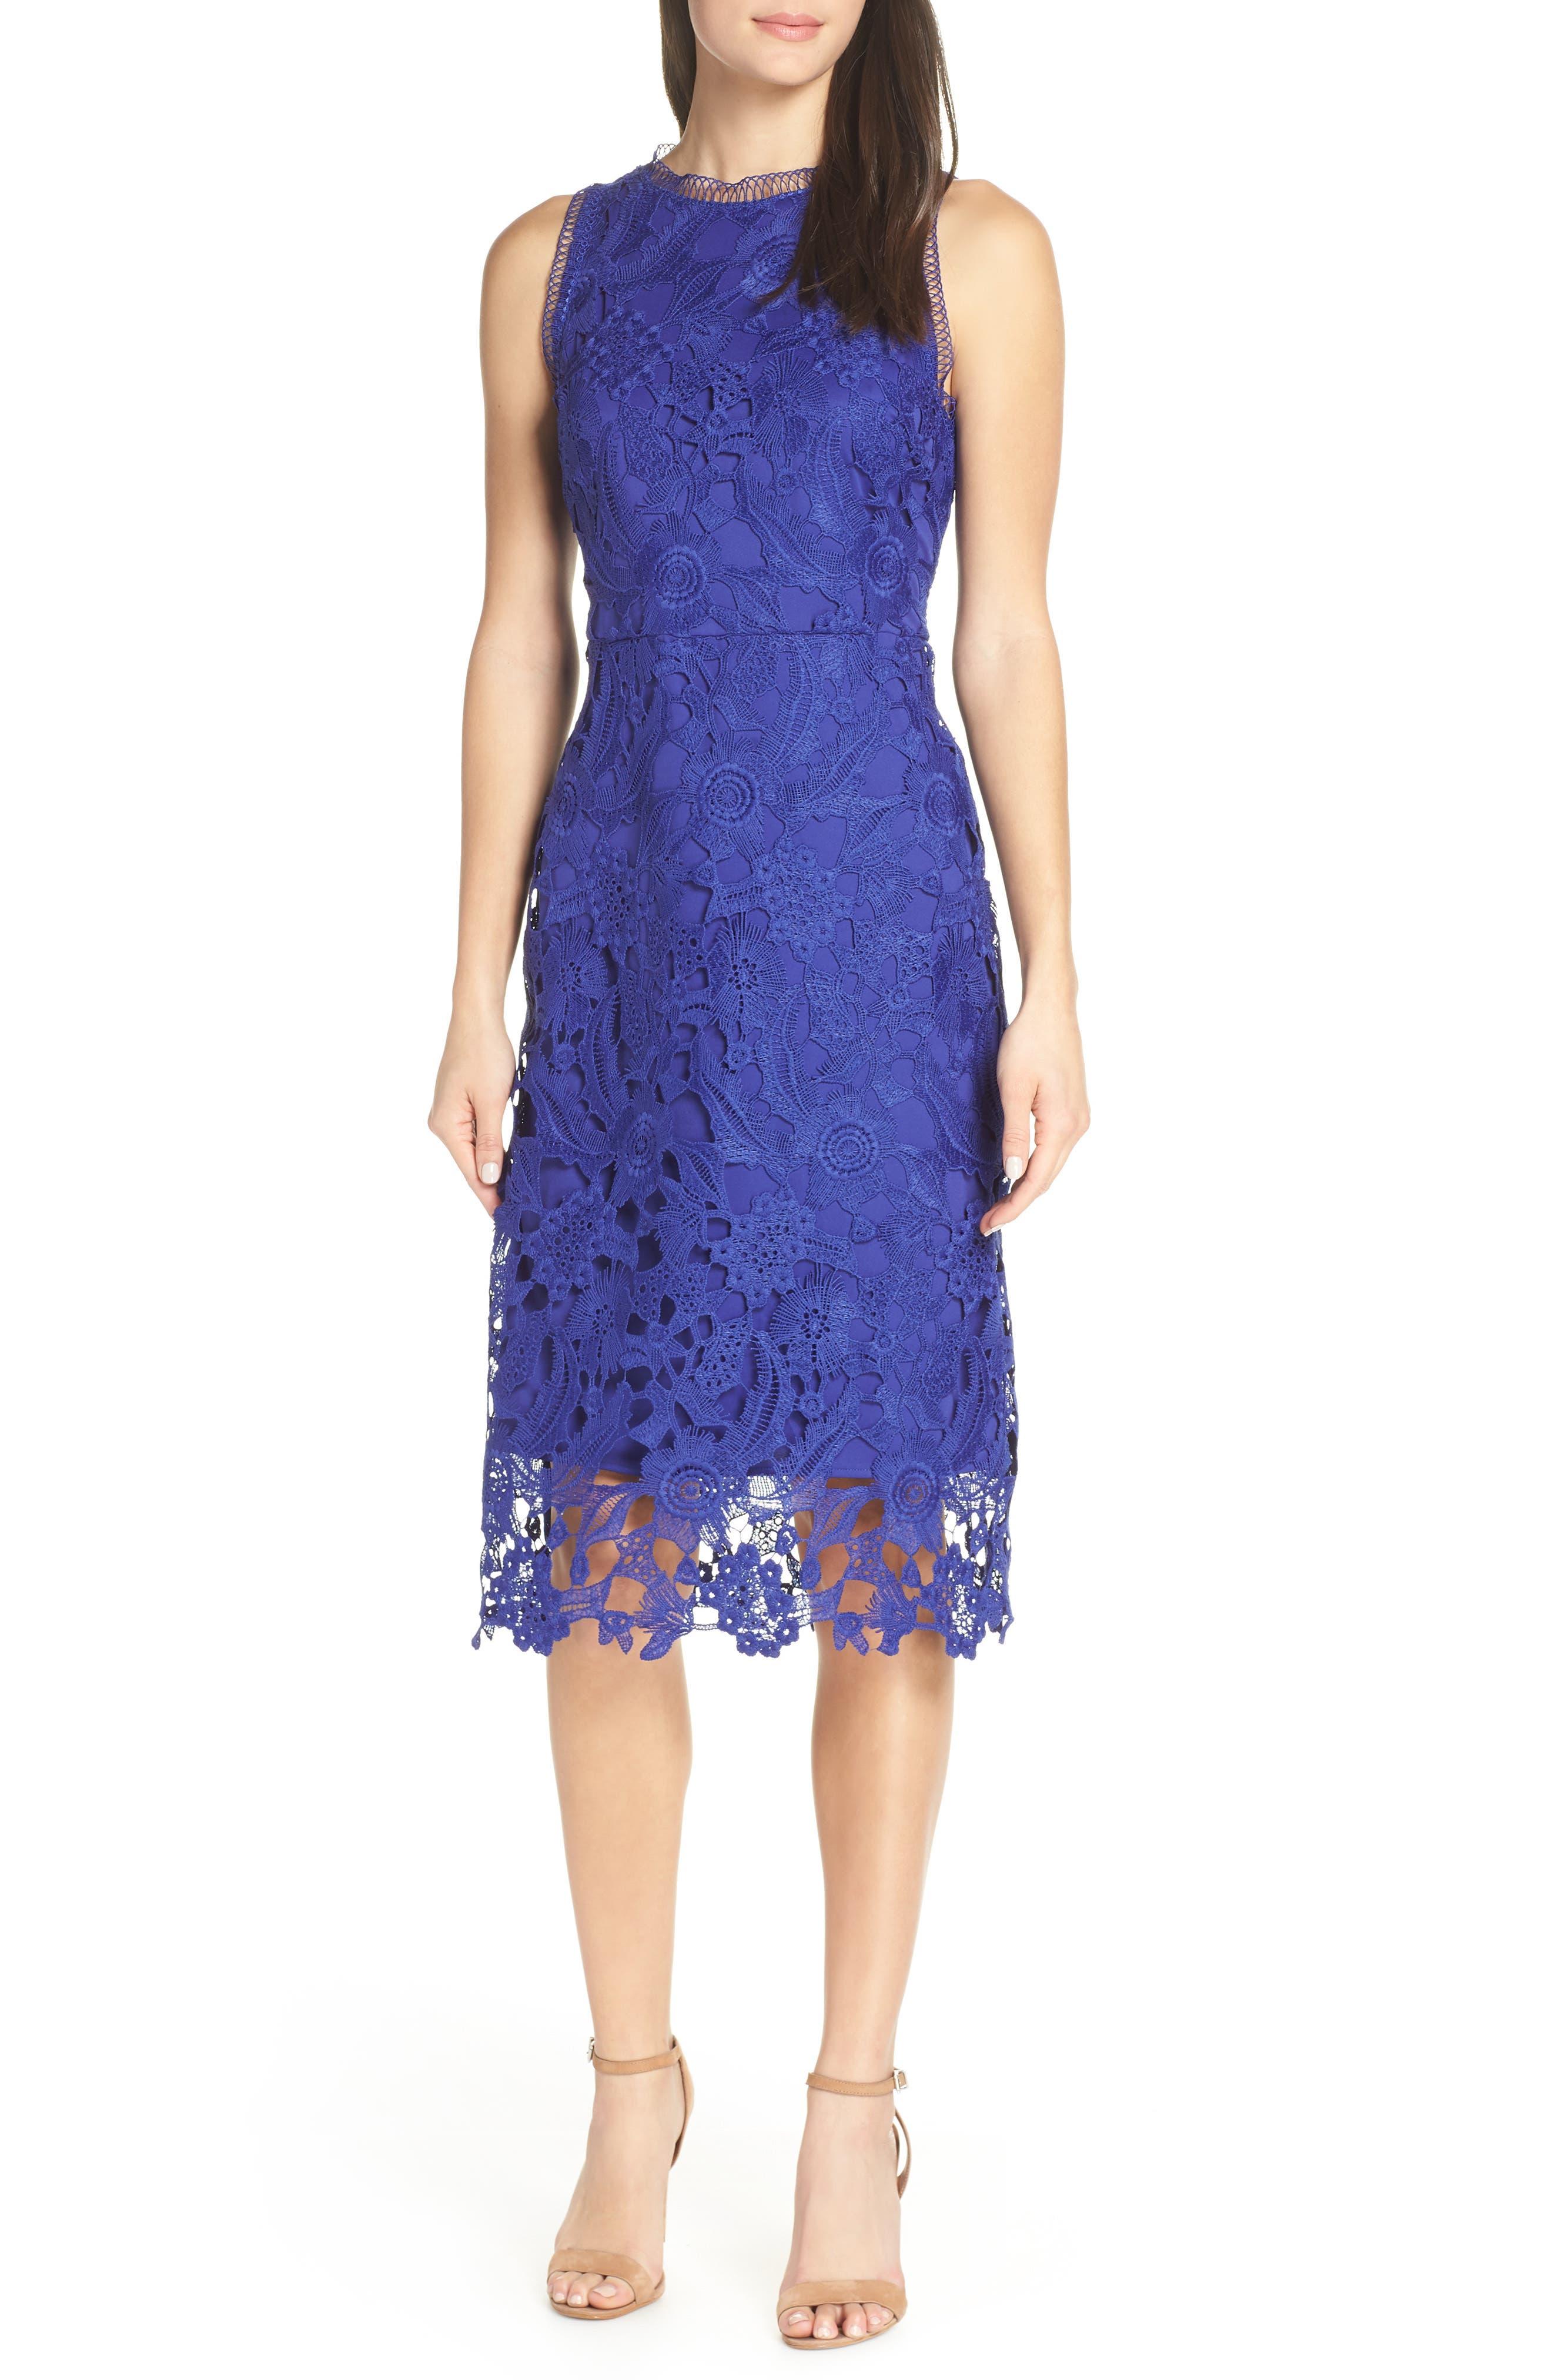 SAM EDELMAN Lace Midi Dress, Main, color, COBALT